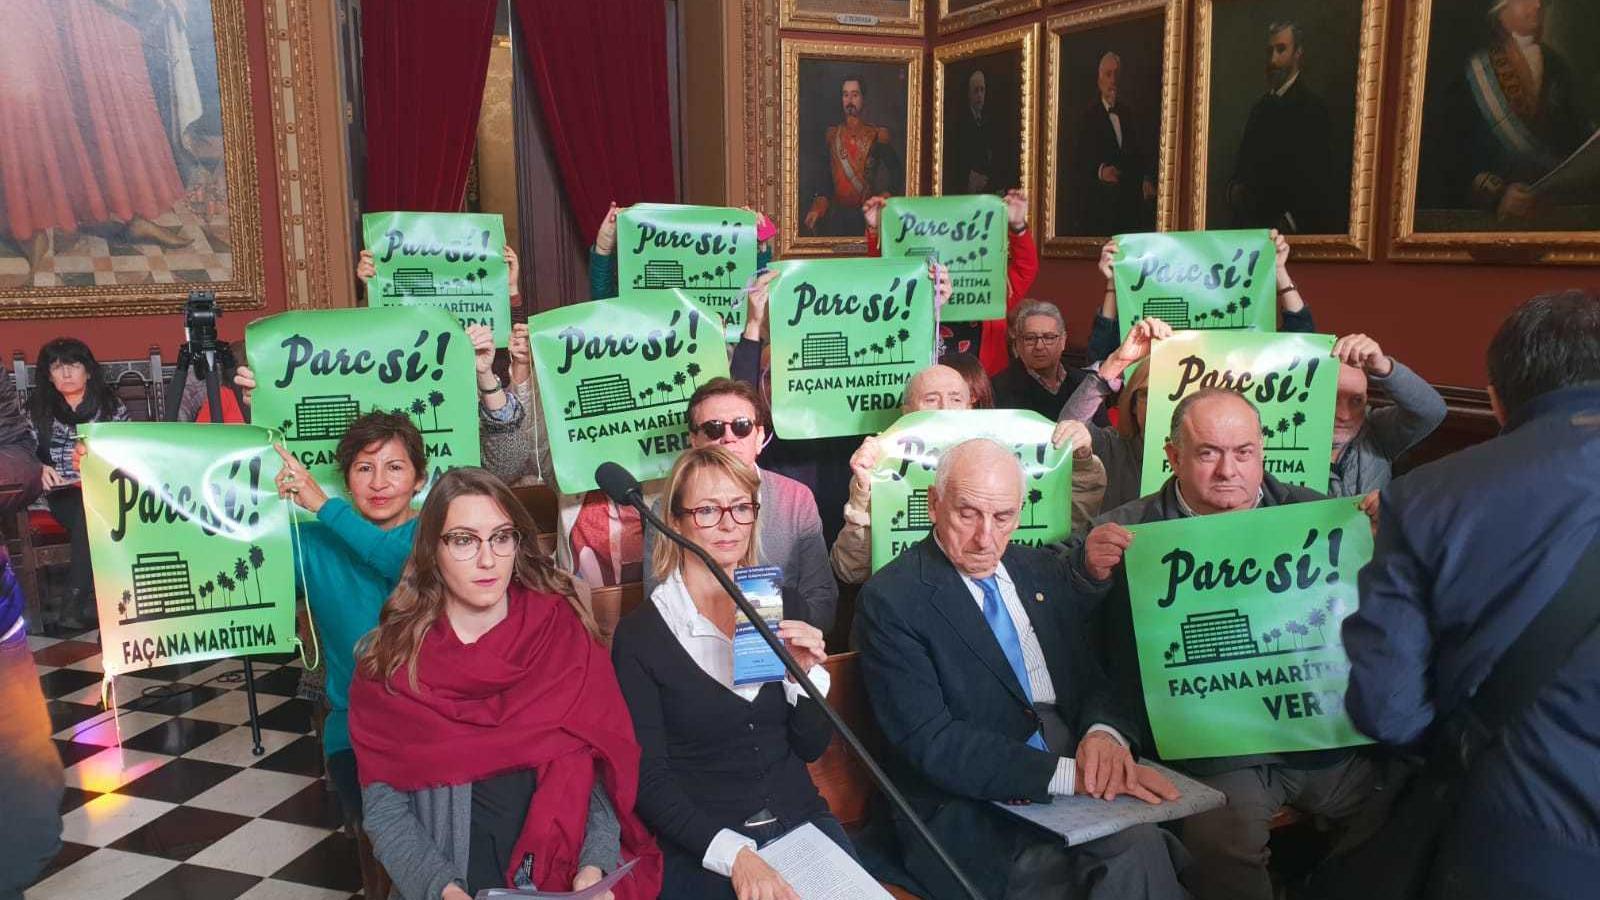 """Membres de la plataforma veinal """"Parc Sí"""" al ple extraordinari de l'Ajuntament de Palma"""